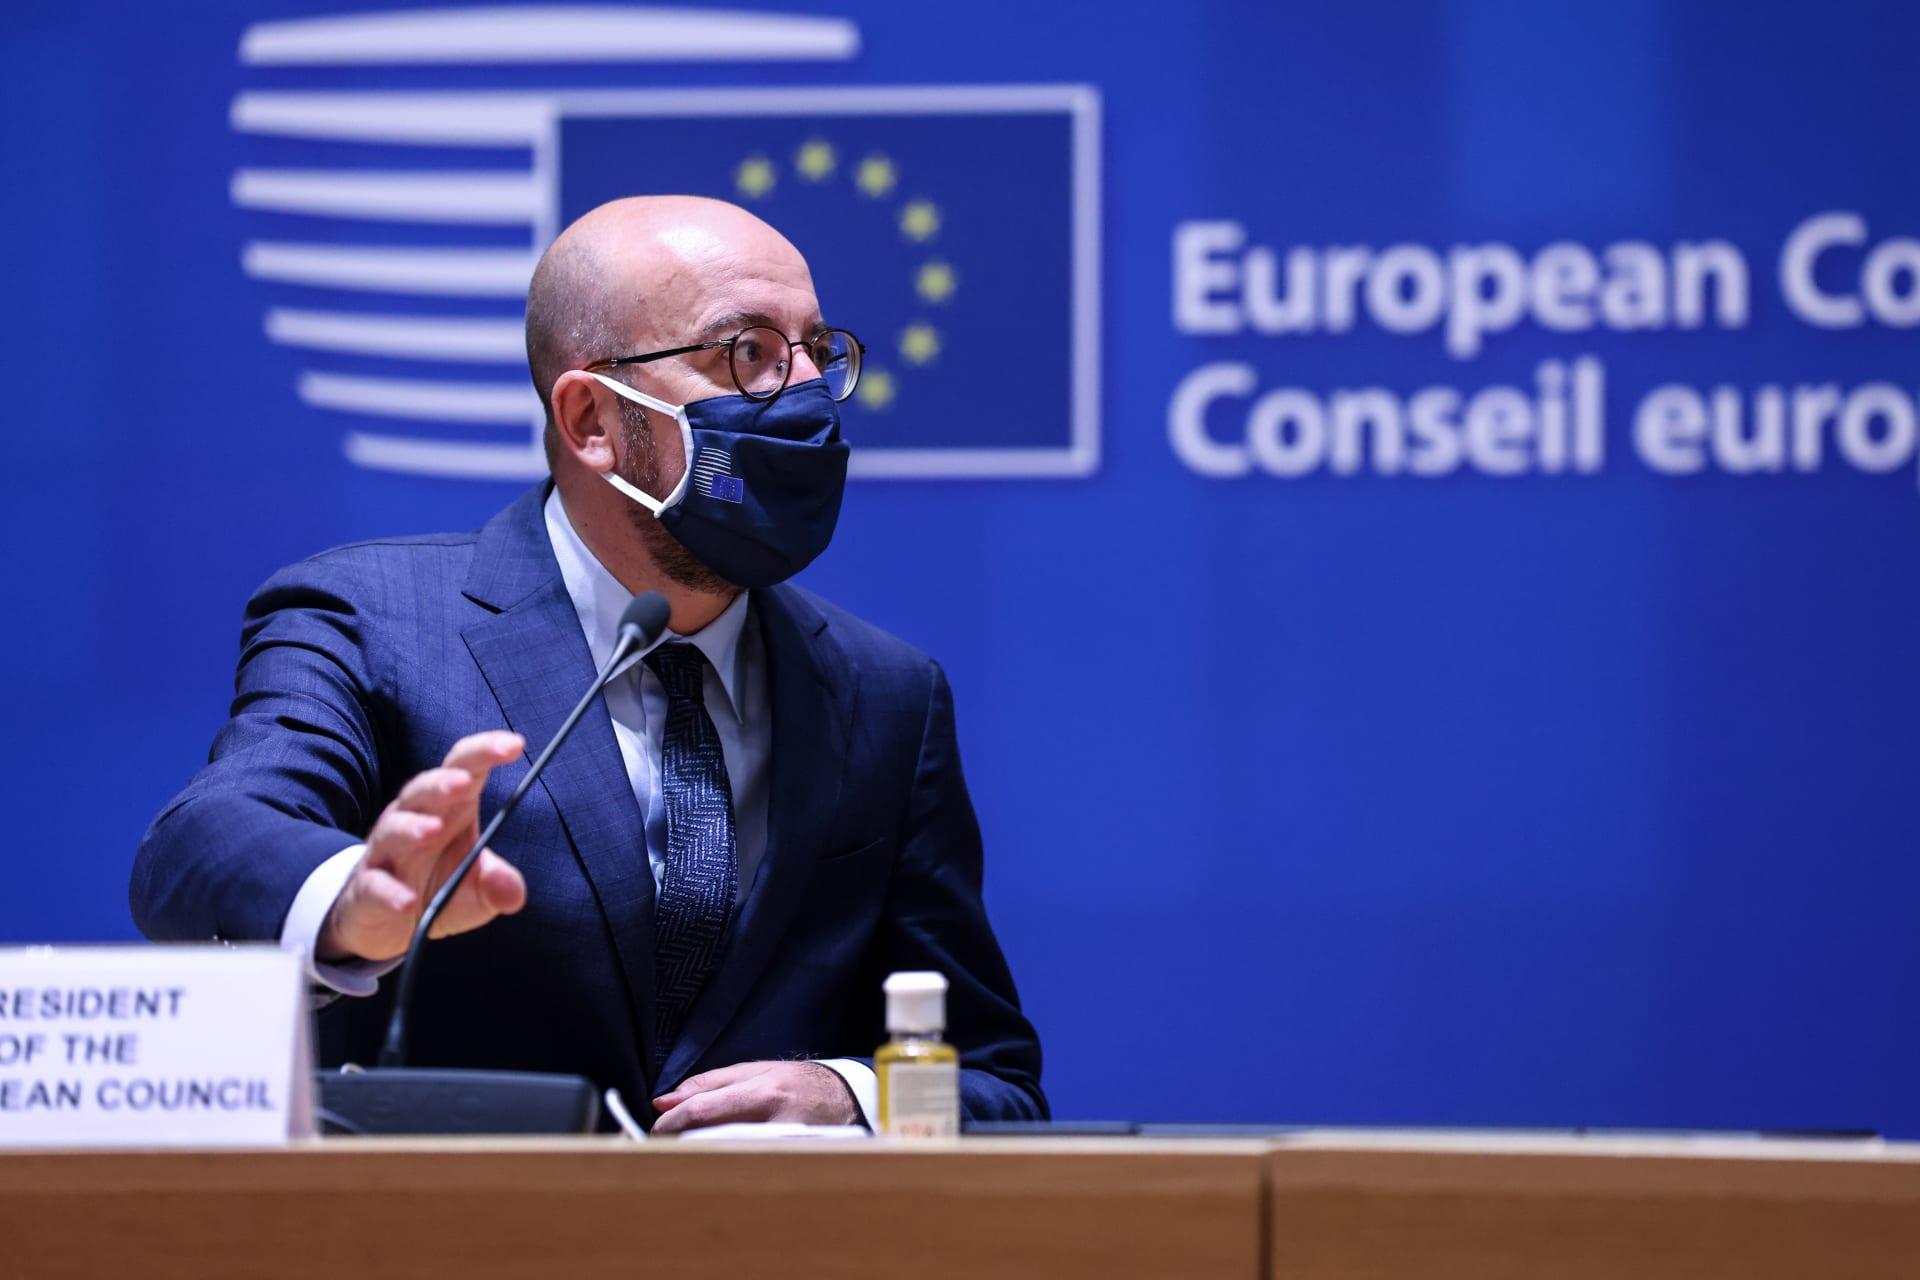 الاتحاد الأوروبي يفرض عقوبات على 7 وزراء جدد بالحكومة السورية